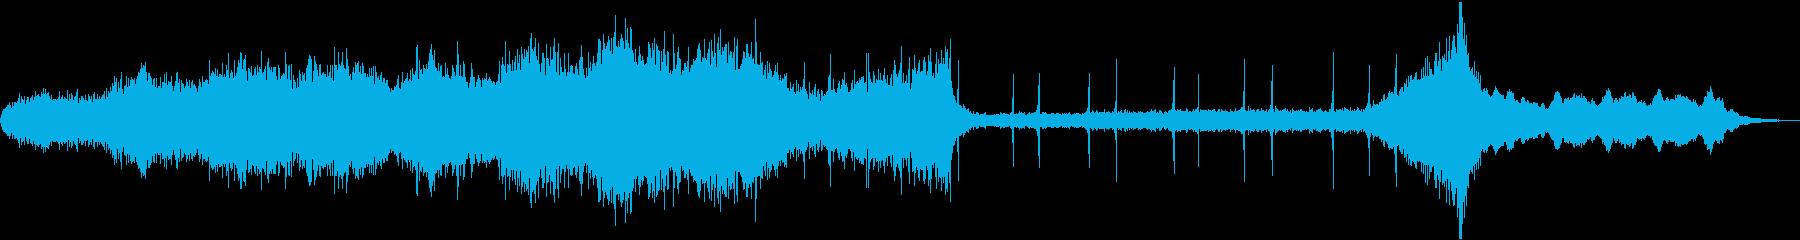 ストリングスの怖い雰囲気のBGMの再生済みの波形